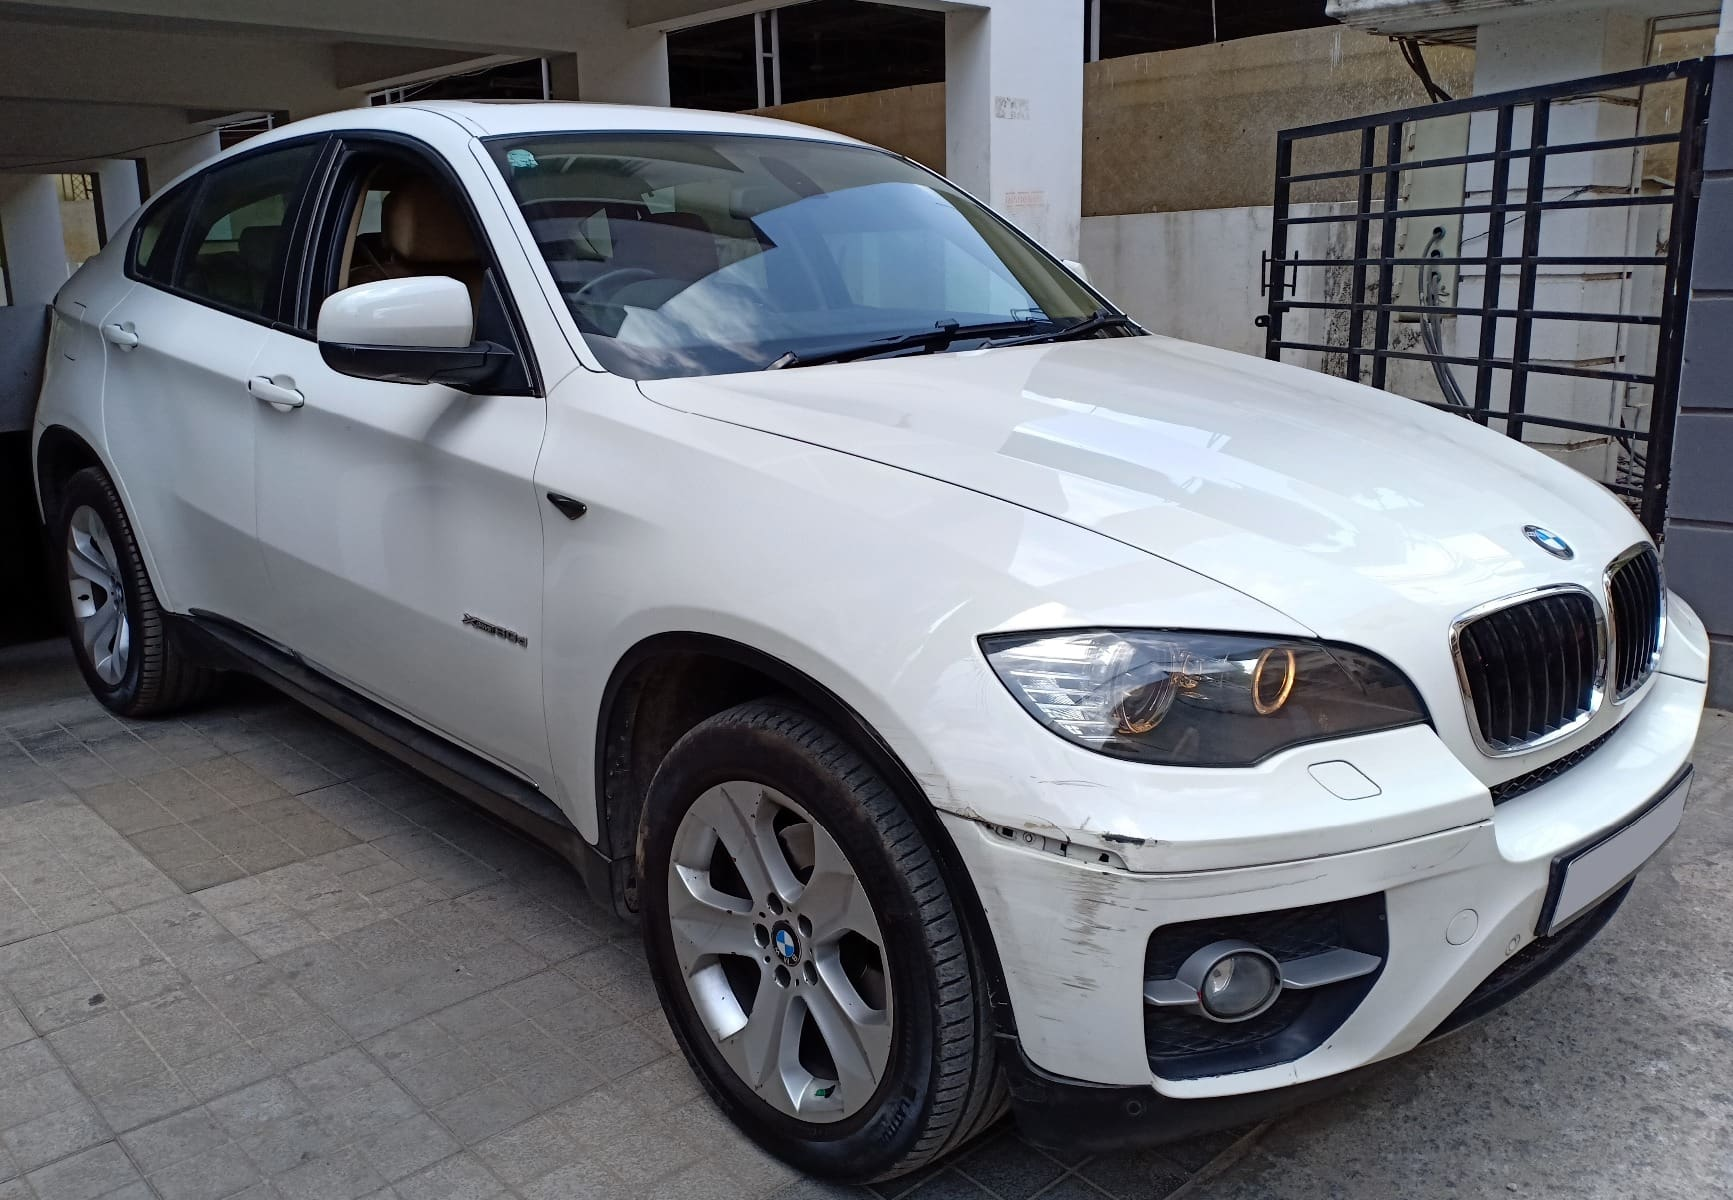 BMW X6 2009-2014 xDrive30d